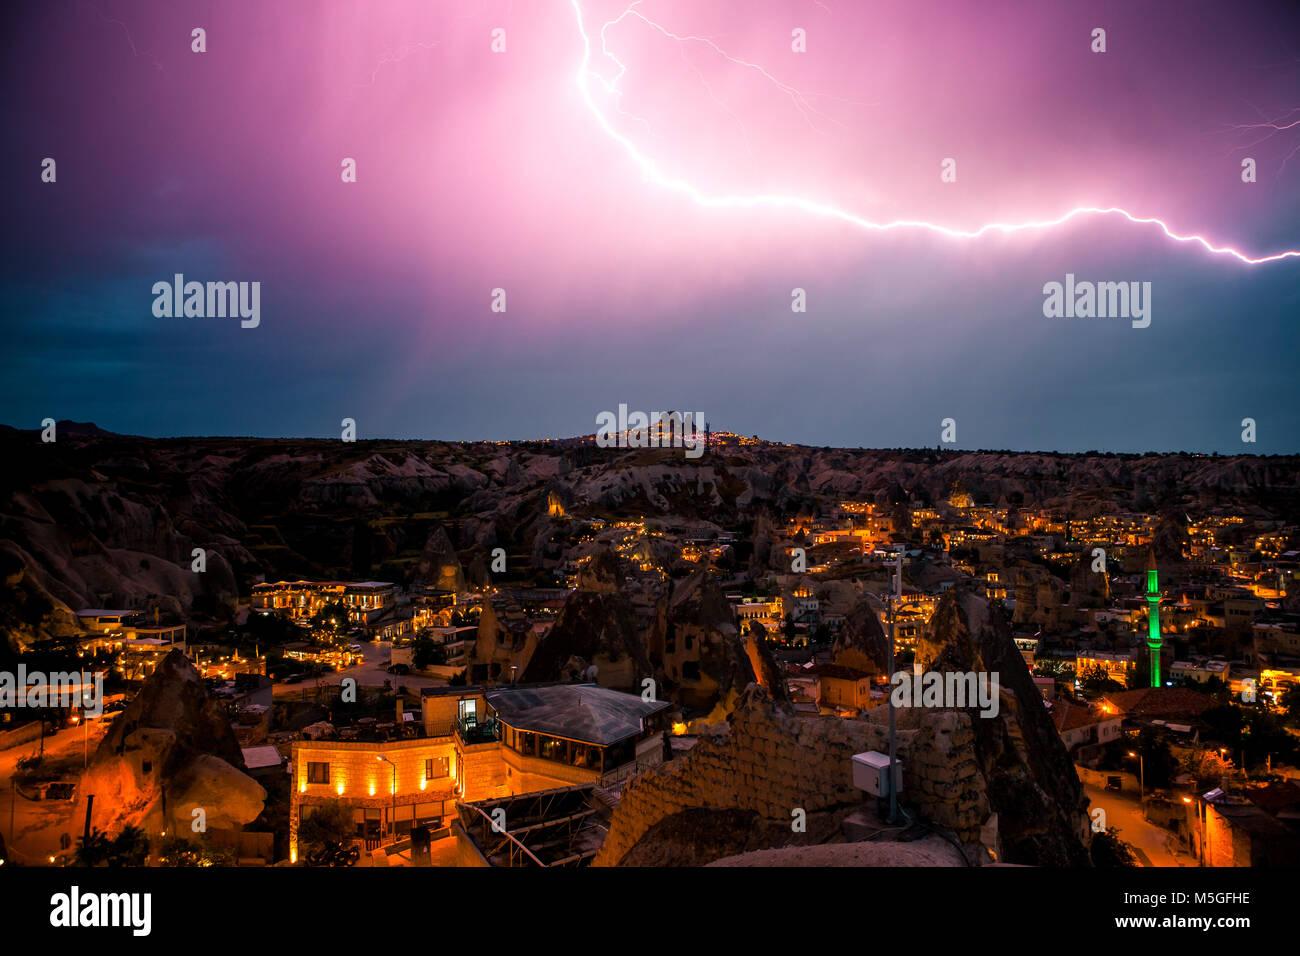 Rayo por encima del pueblo de Goreme, en Capadocia, en Turquía. Cielo nocturno espectacular tormenta. Foto de stock